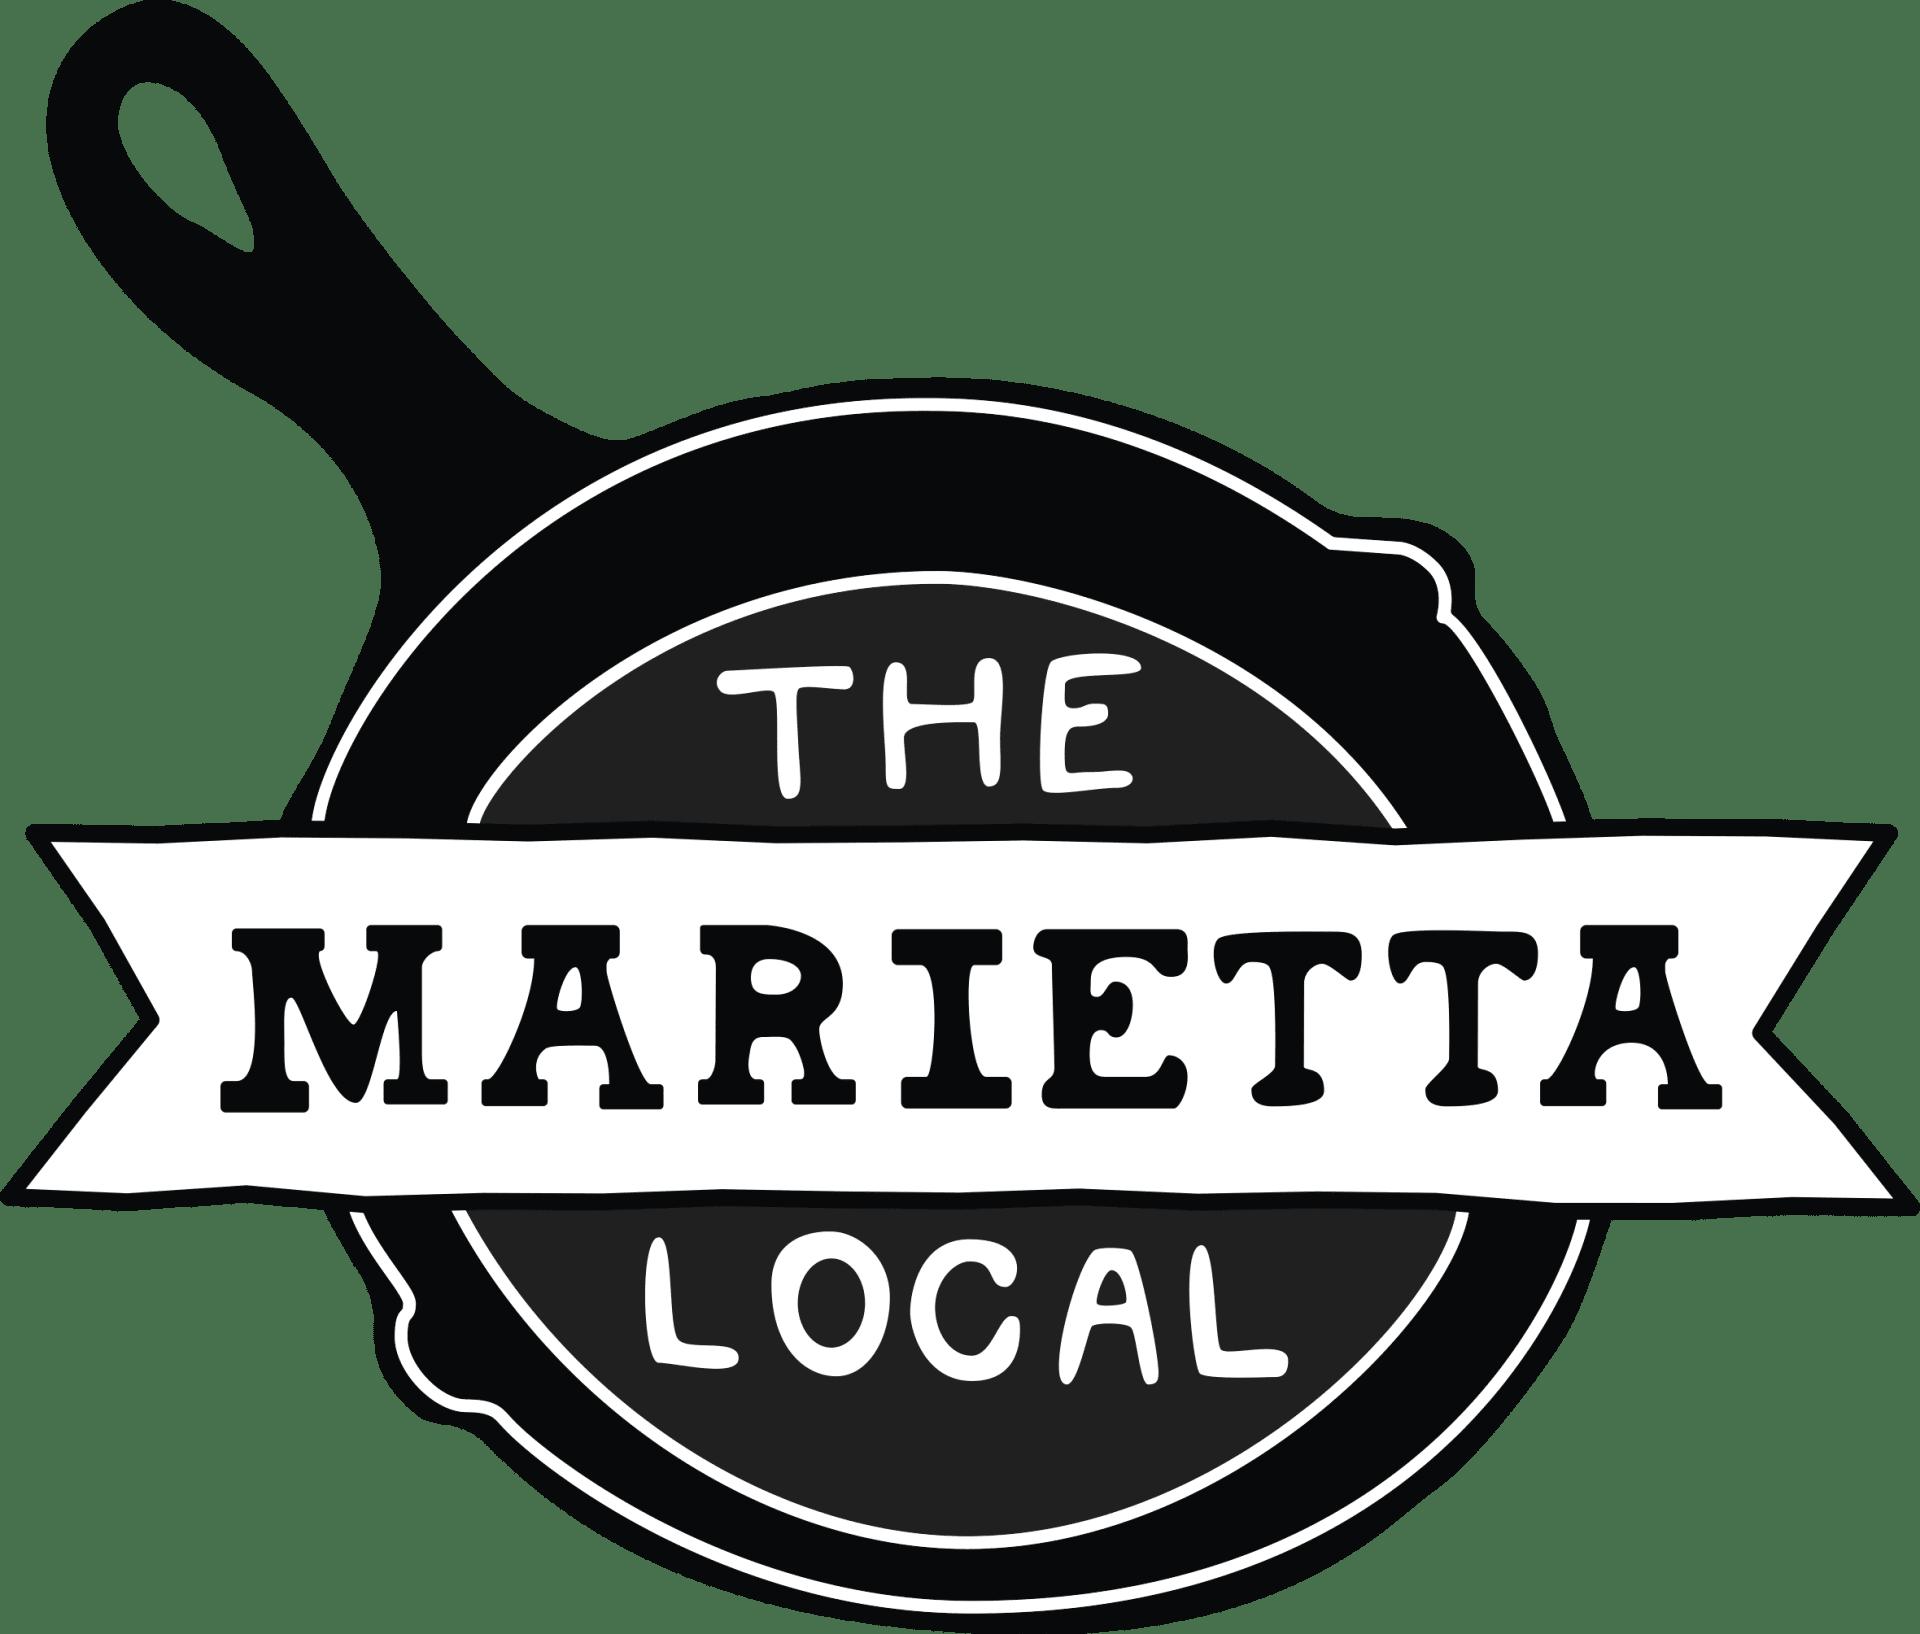 the marietta local logo